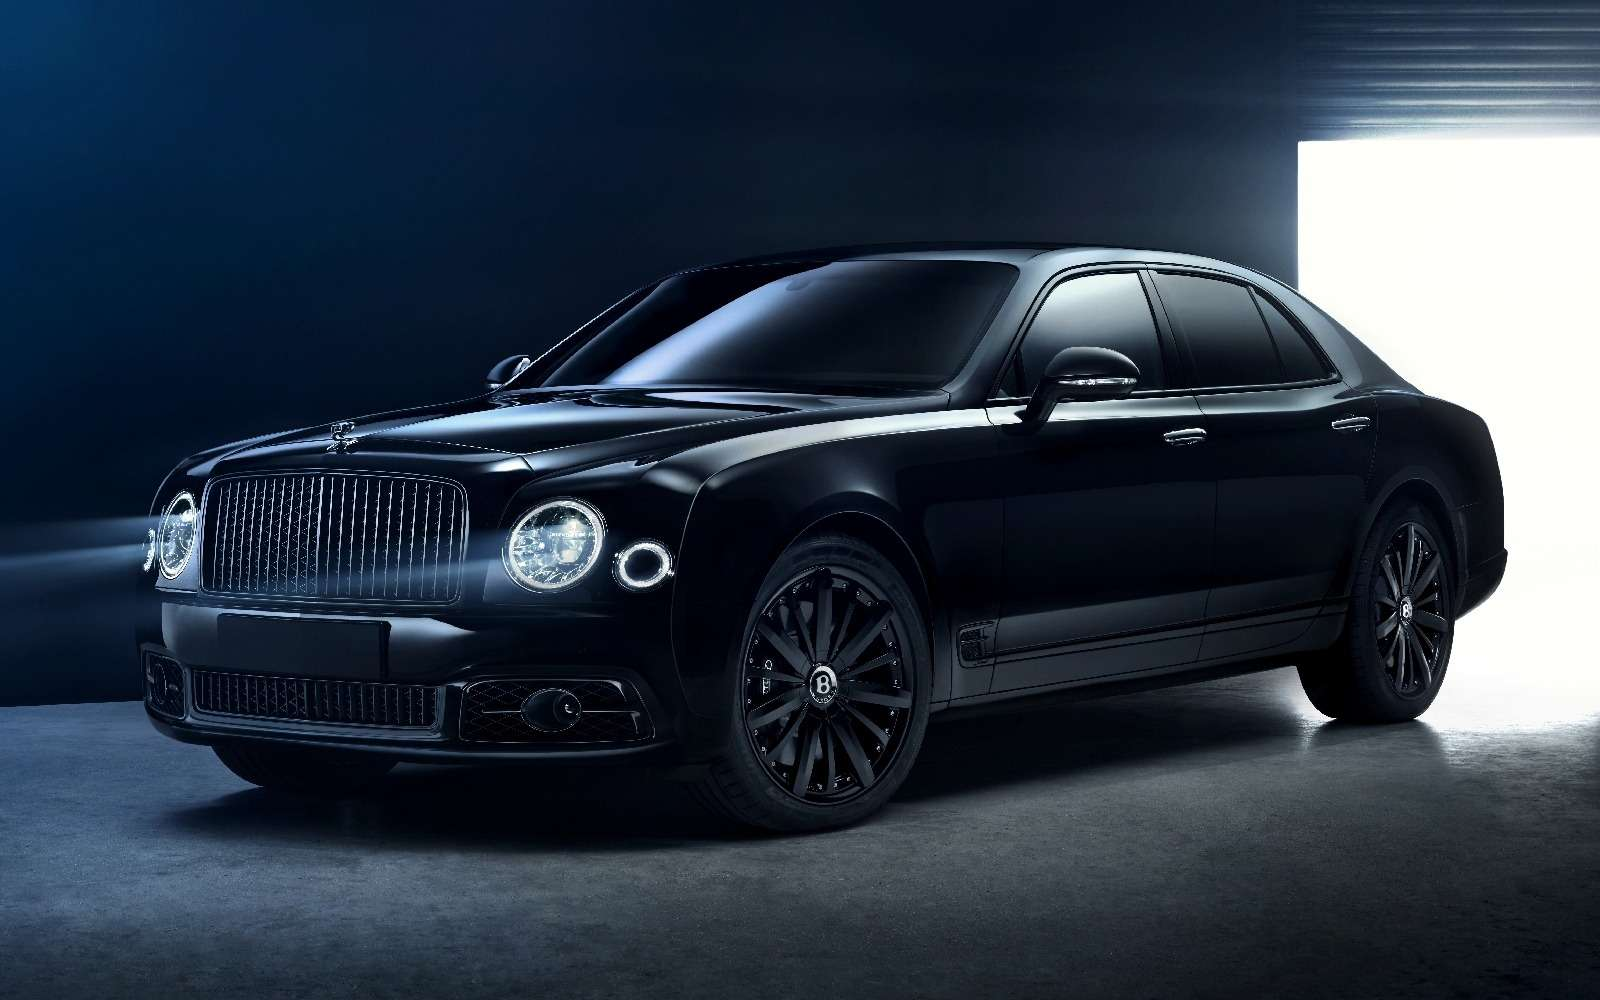 Тьма сгущается: Bentley Mulsanne получил еще одну «зловещую» версию— фото 671550